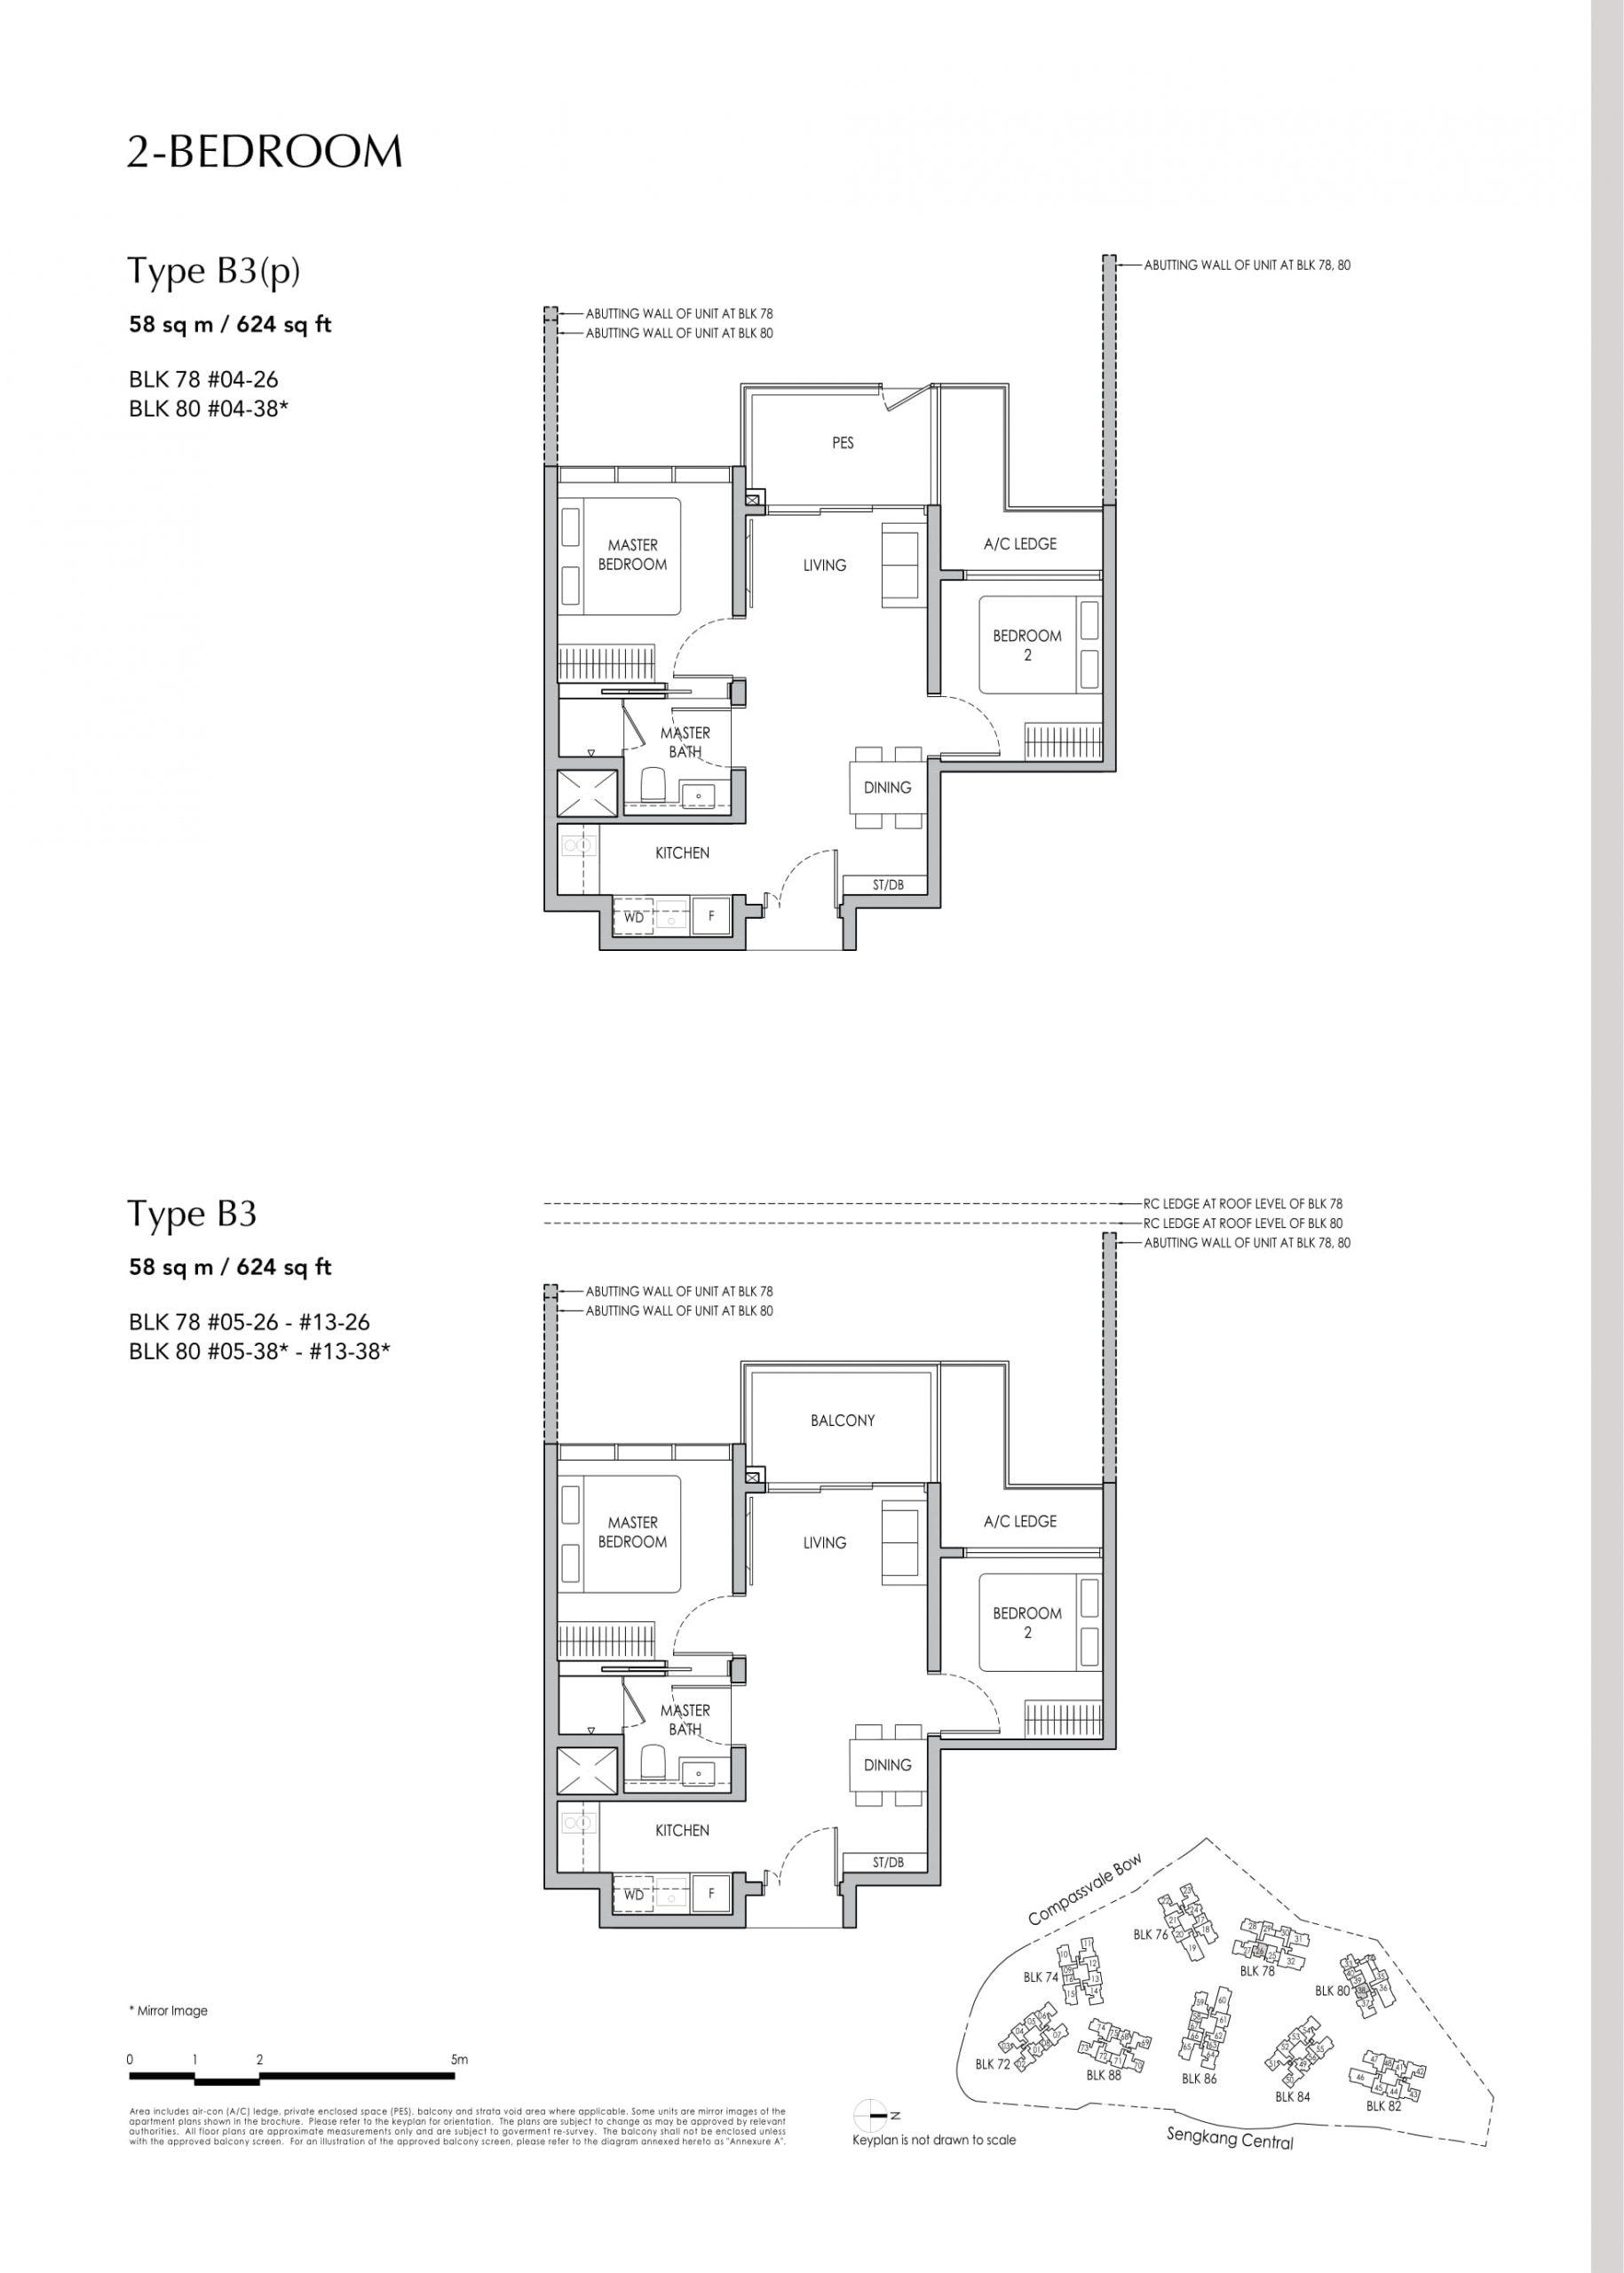 Sengkang Grand Residences' two-bedroom